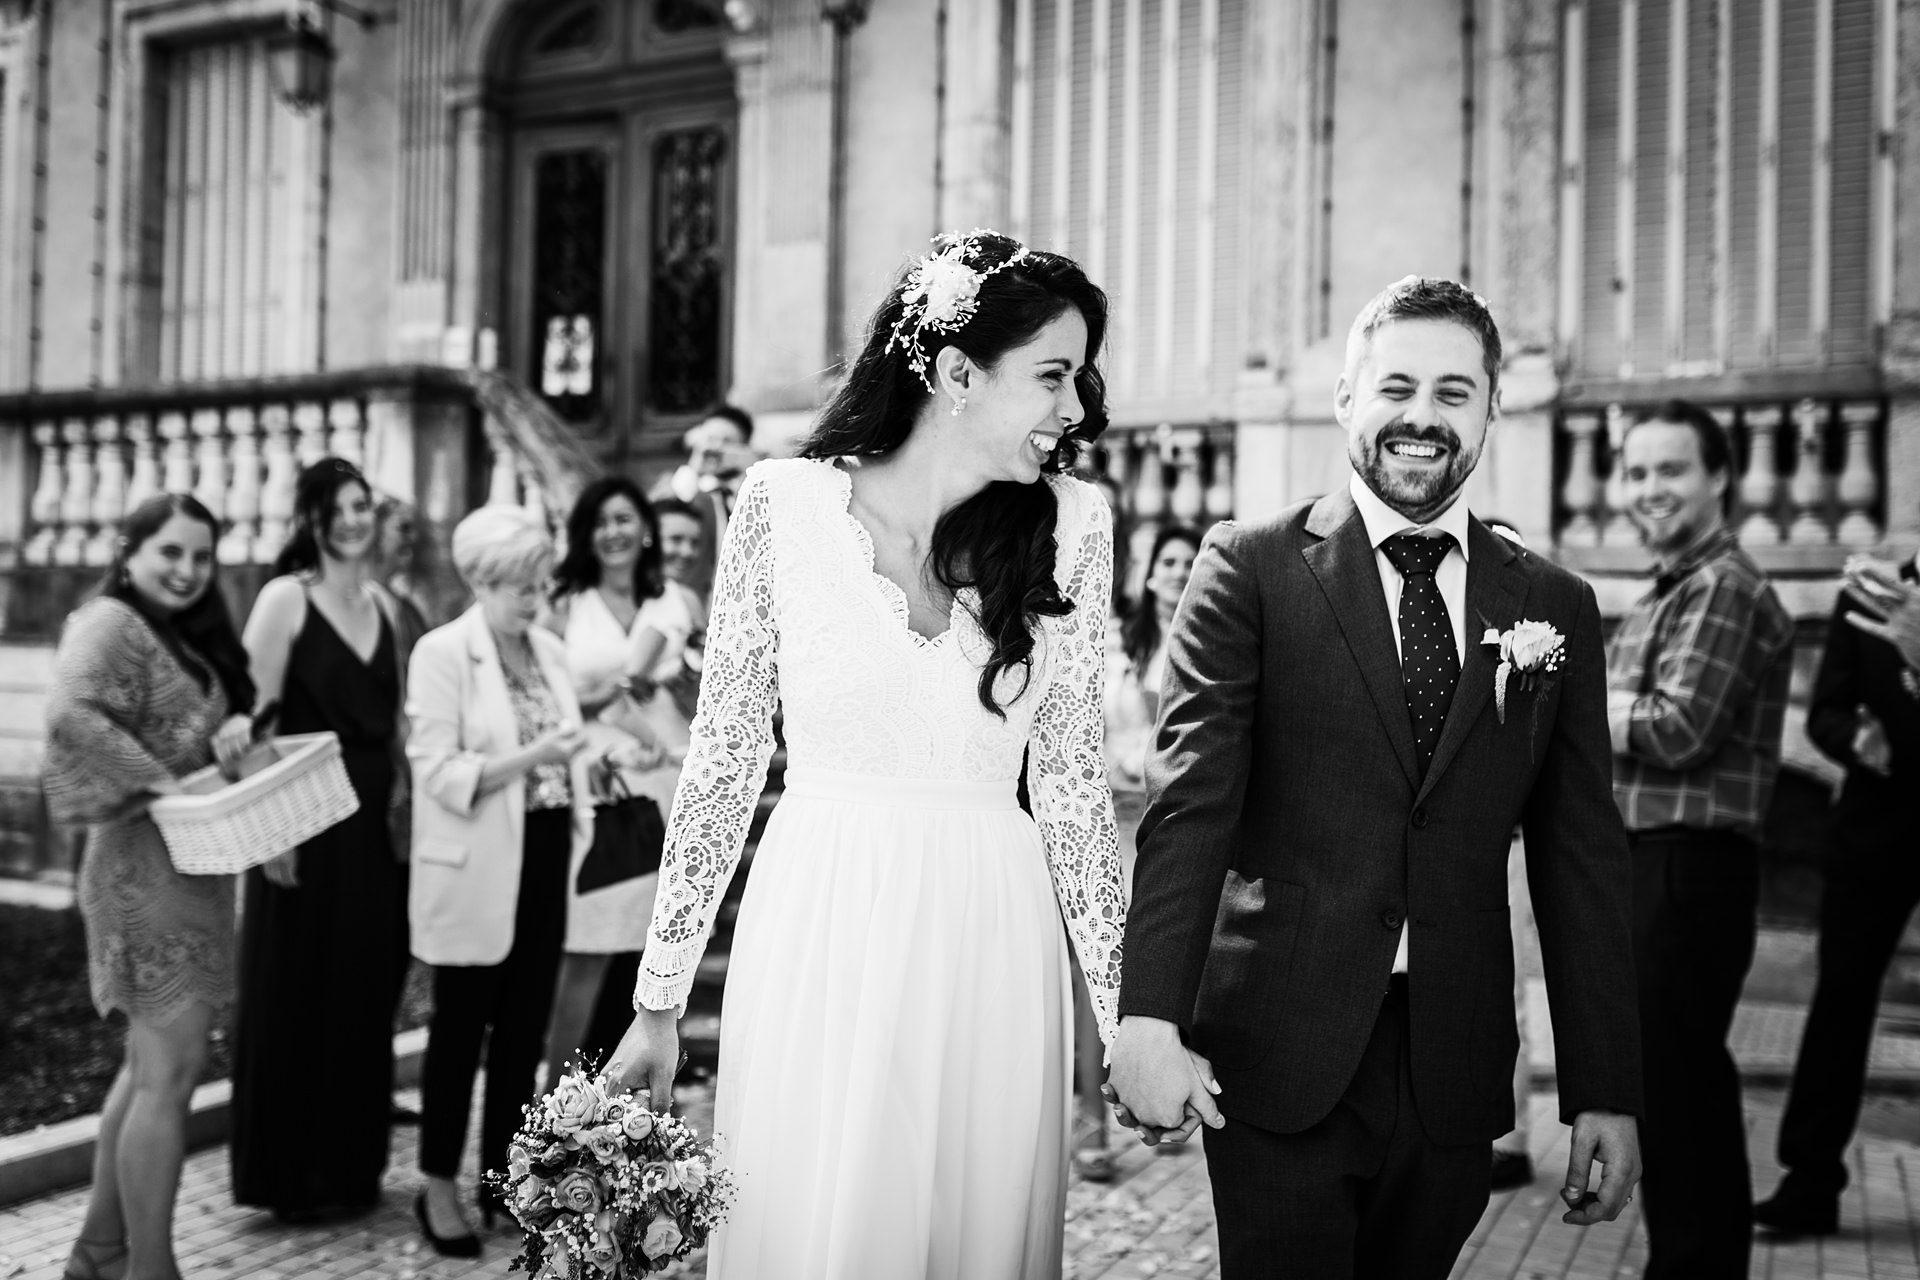 Sortie de cérémonie de mariage - Matthieu Chandelier, photographe Rhône-Alpes